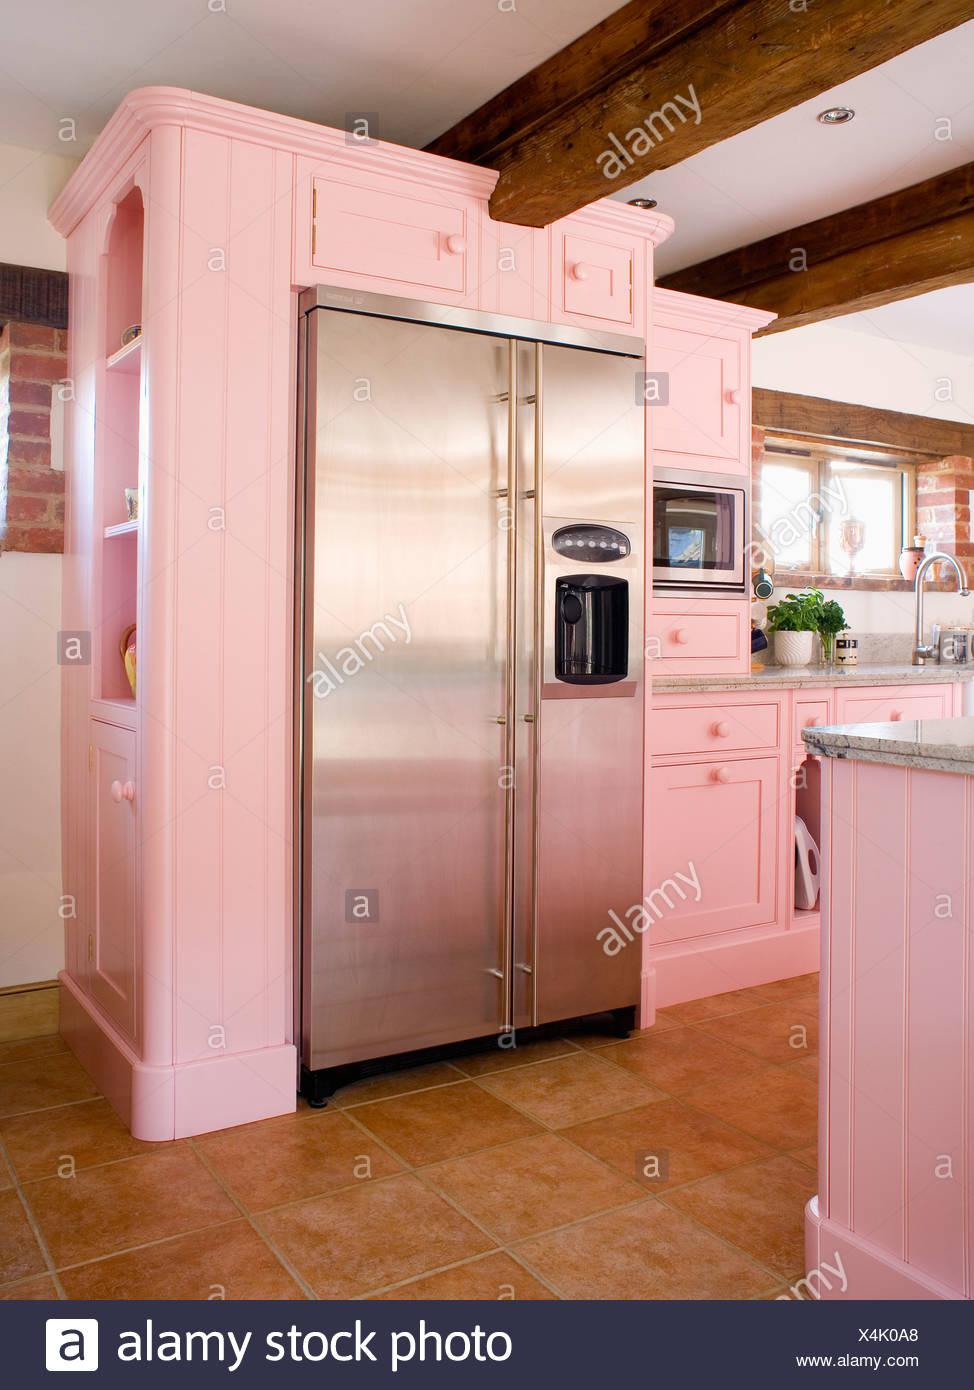 Große Edelstahl Amerikanische Kühl Gefrierkombination In Pastell Rosa  Ausgestattet Einheit Im Landhaus Küche